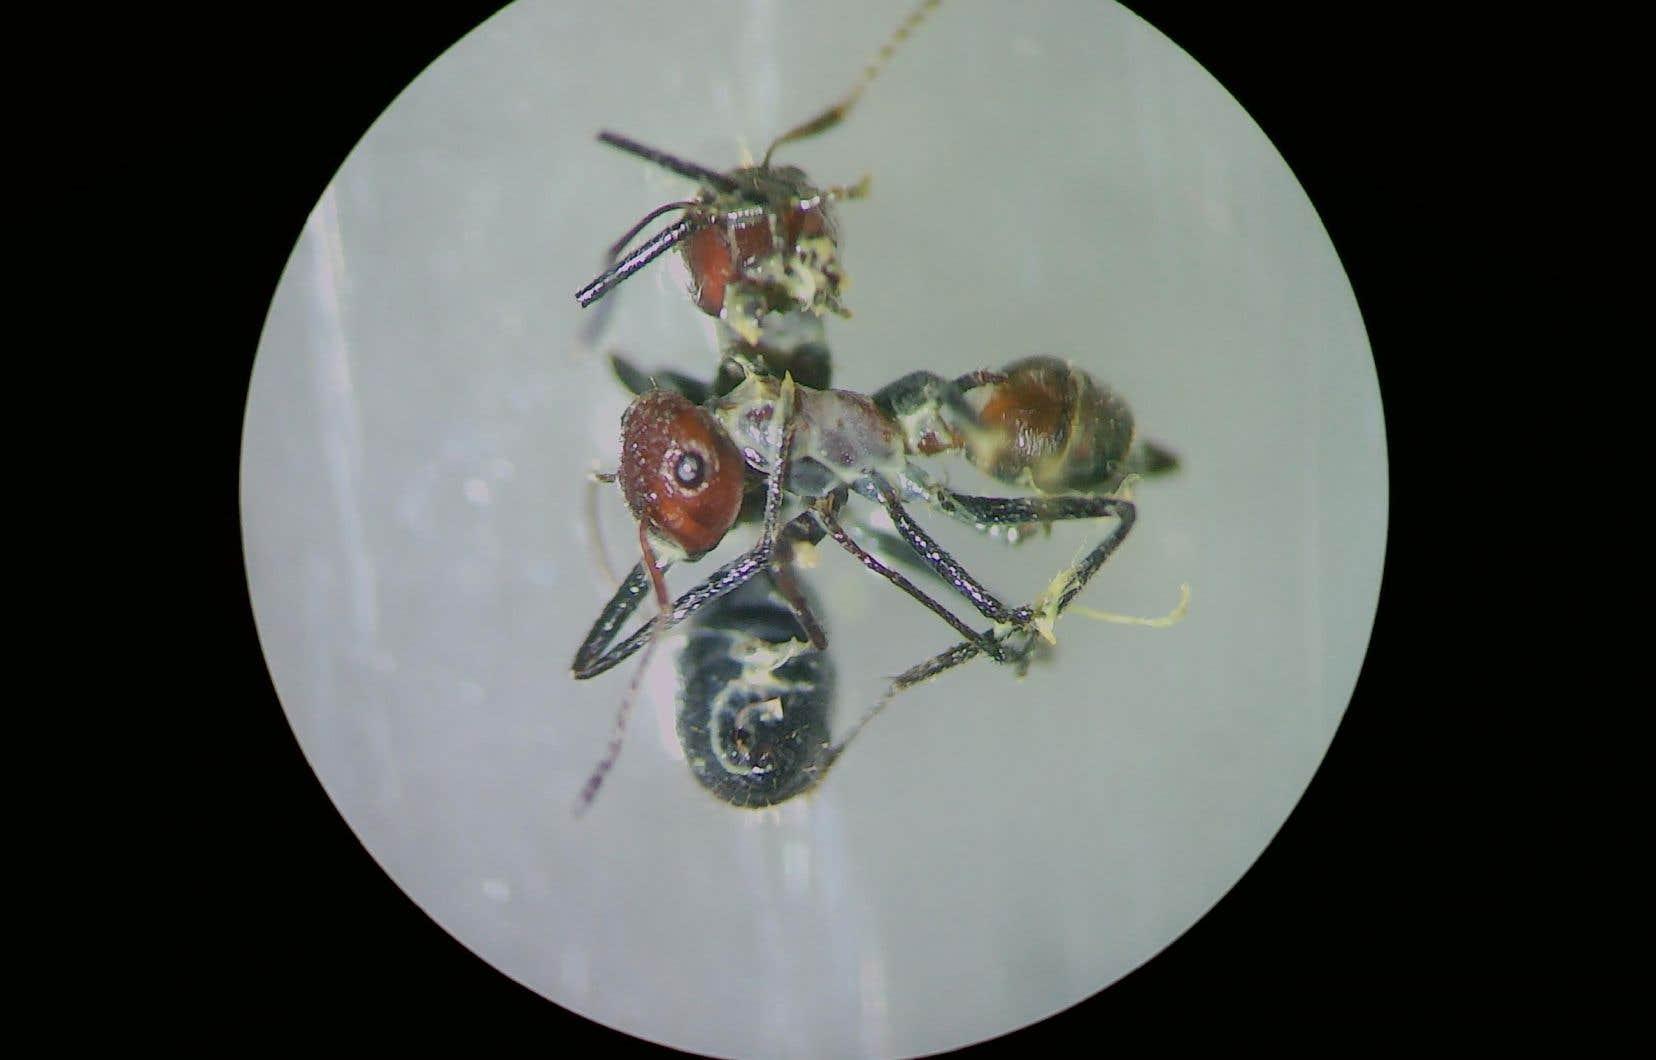 <p>Ces fourmis, baptisées<em> Colobopsis explodens</em>, ont été débusquées dans le petit État du Brunei, situé dans le nord de l'île de Bornéo et réputé pour sa biodiversité.</p>